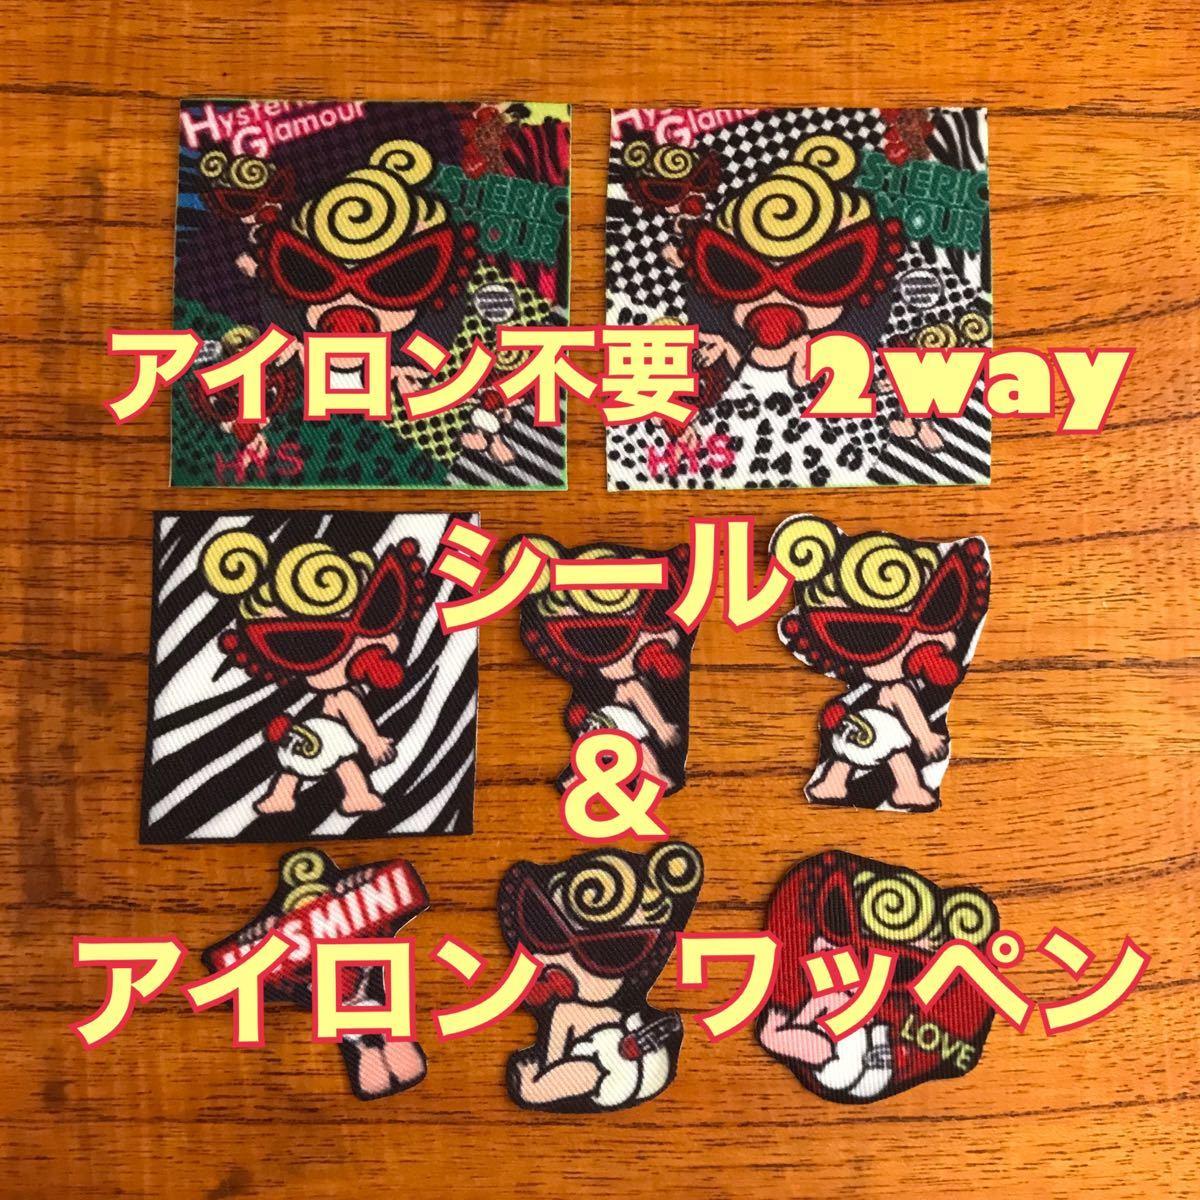 【ヒスミニ】8枚セット ヒスミニ アイロンワッペン シールタイプ ステッカー